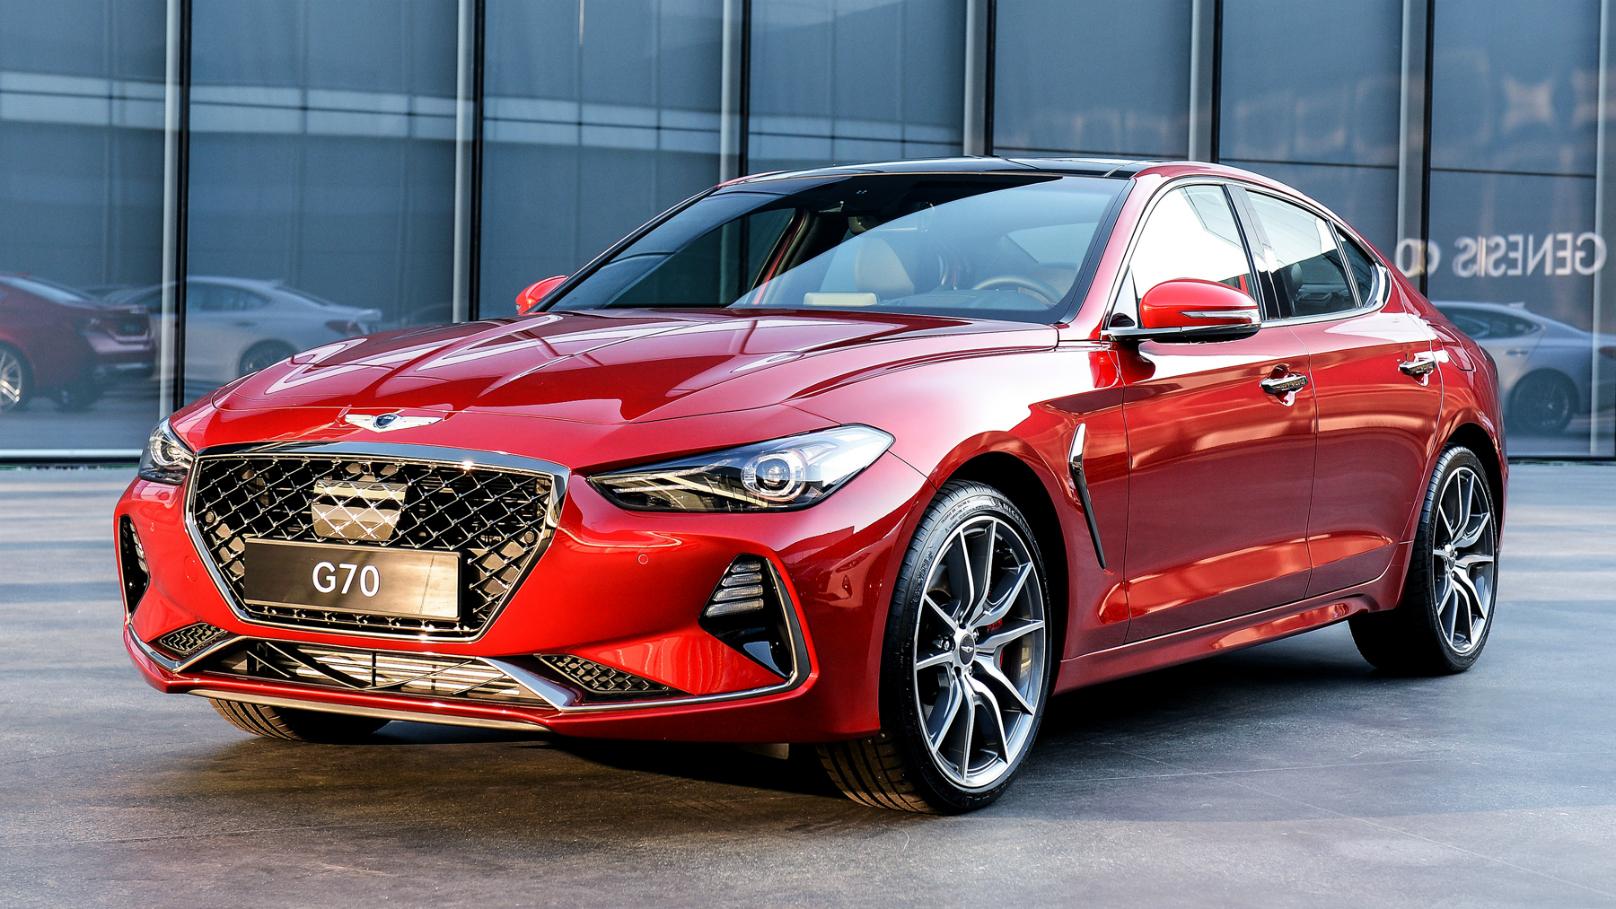 G70 Luxury Sedan